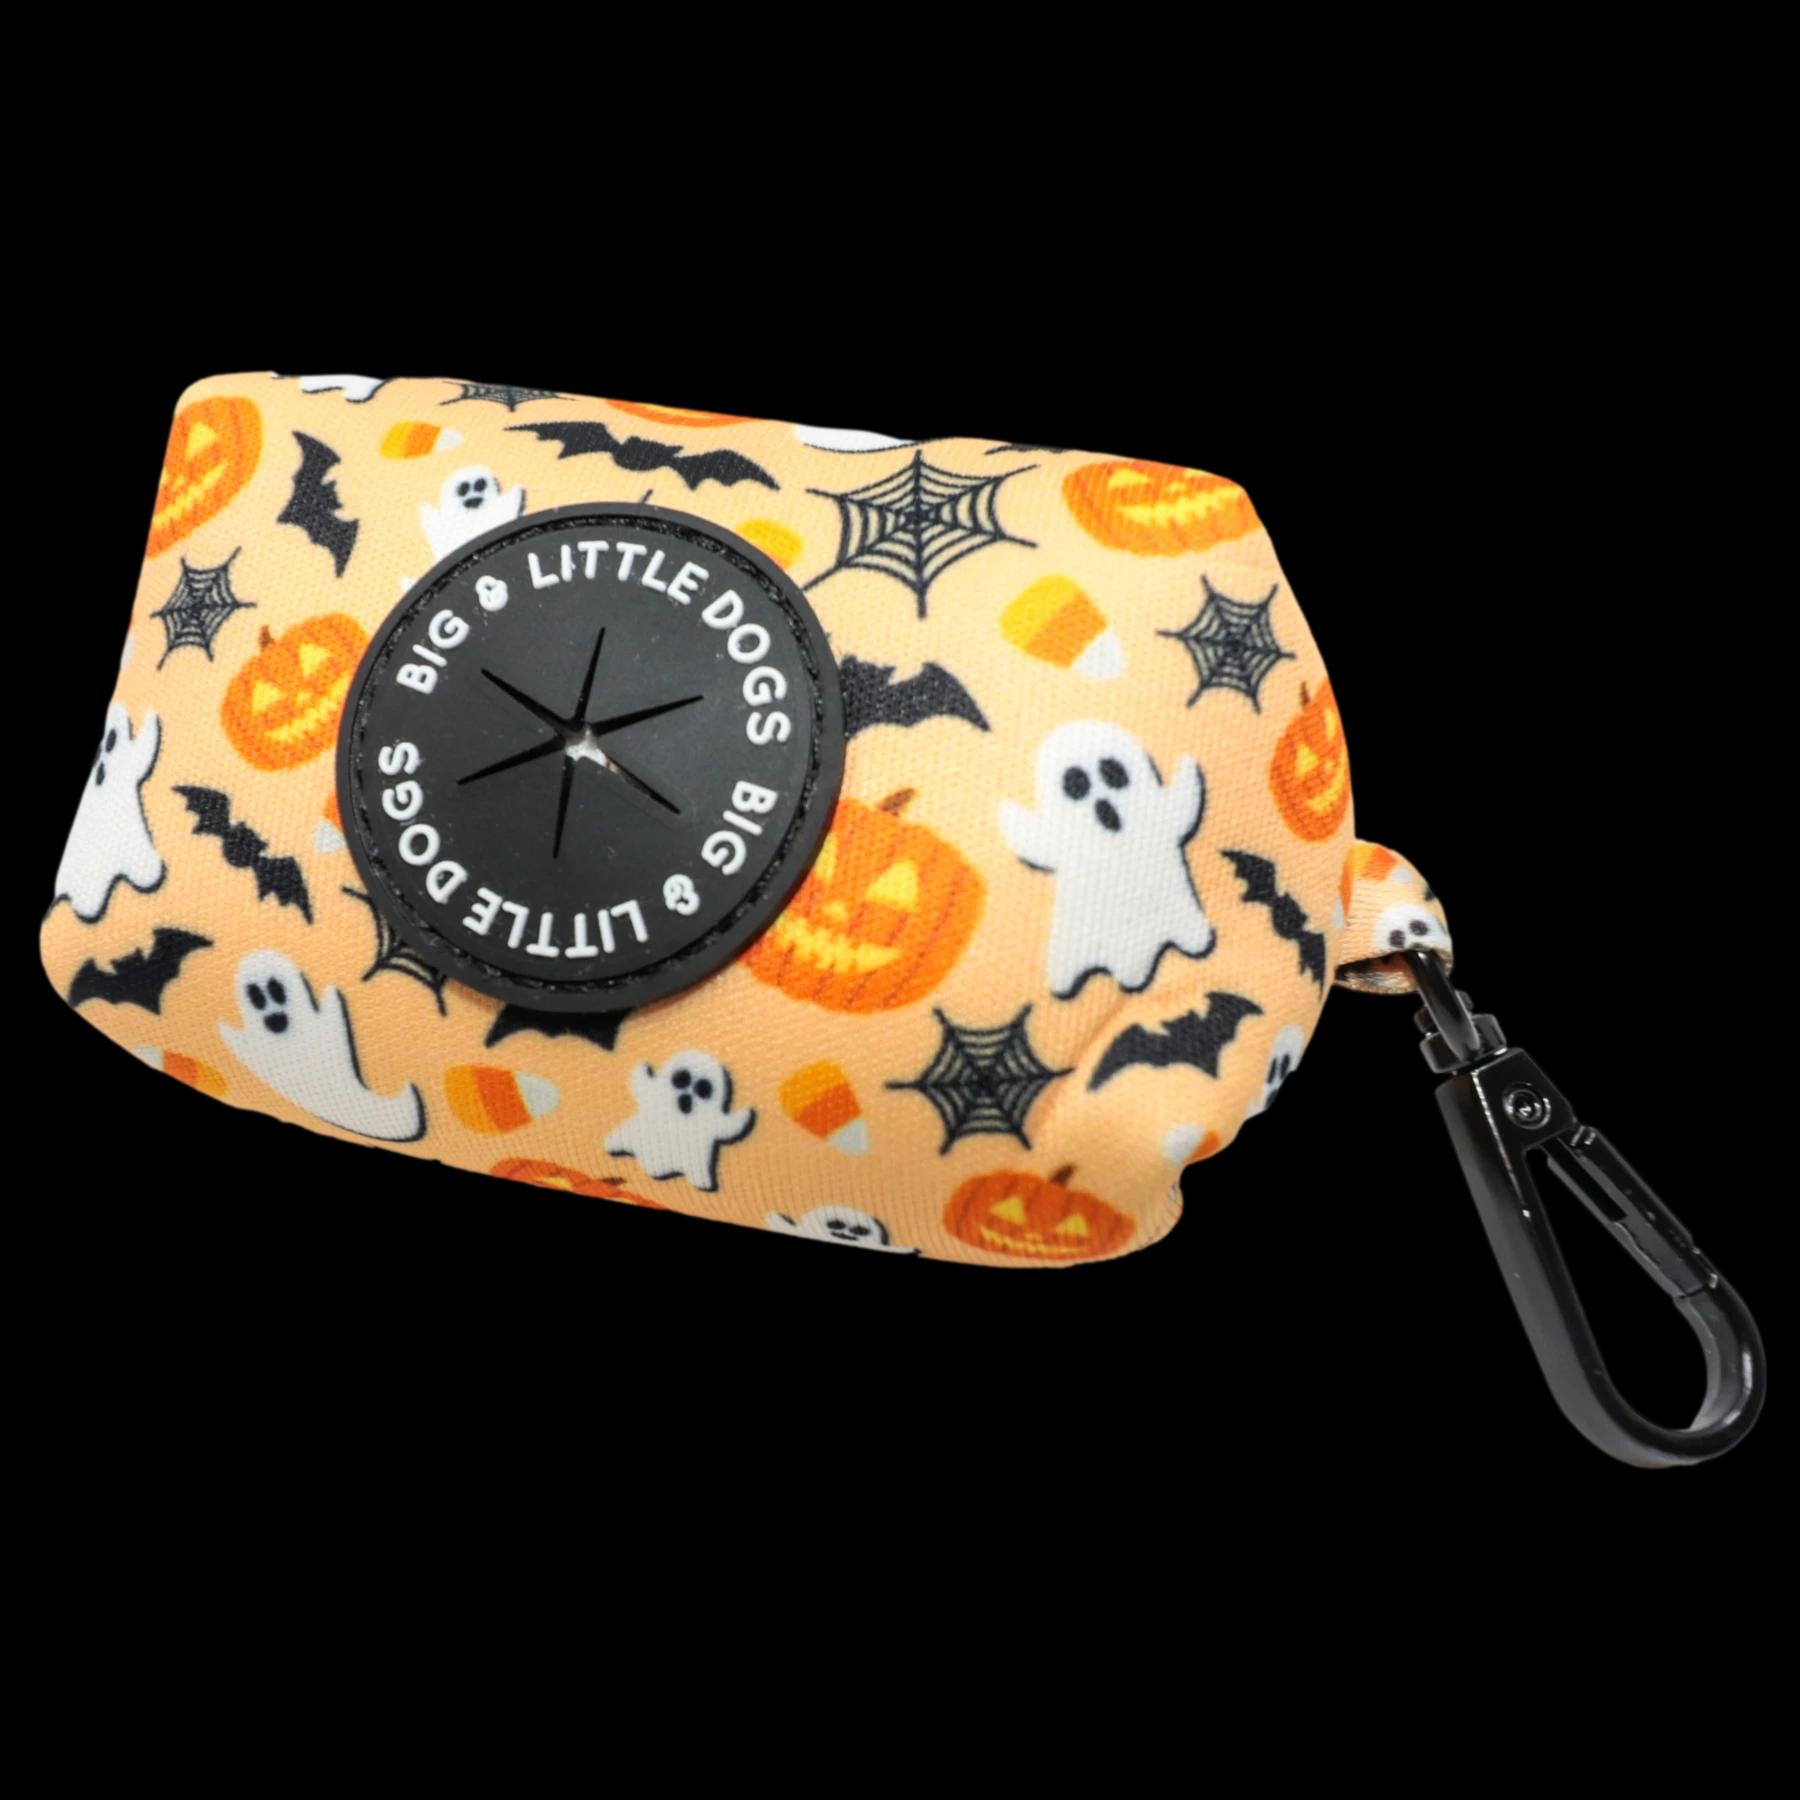 Spooky season poo bag holder